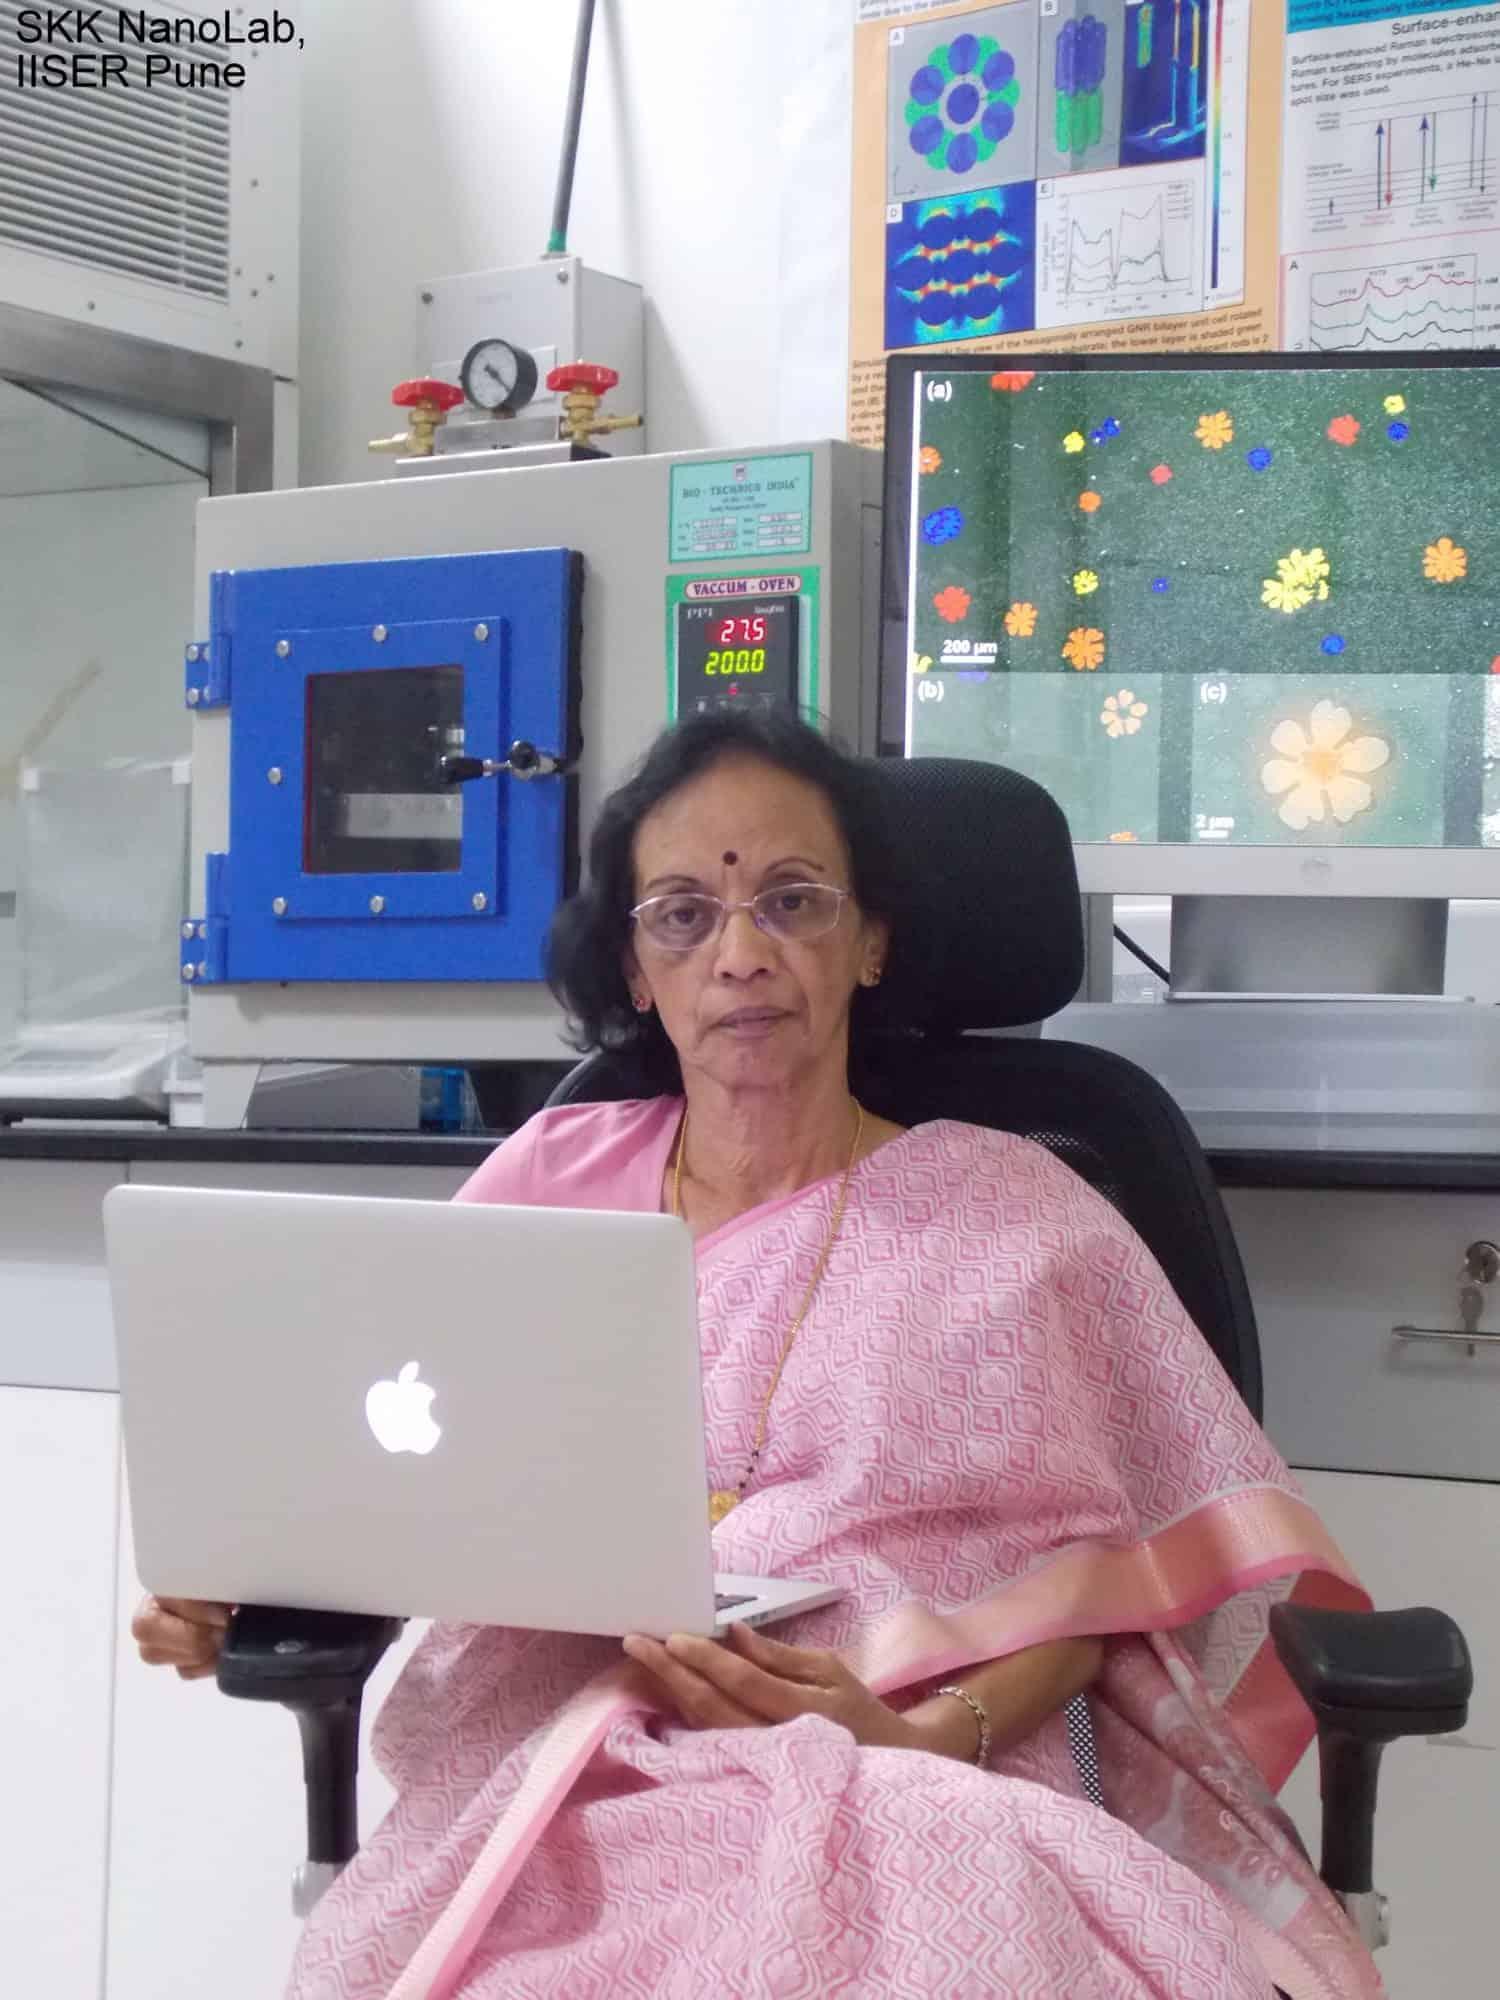 सुलभ कुलकर्णी Sulabha K. Kulkarni